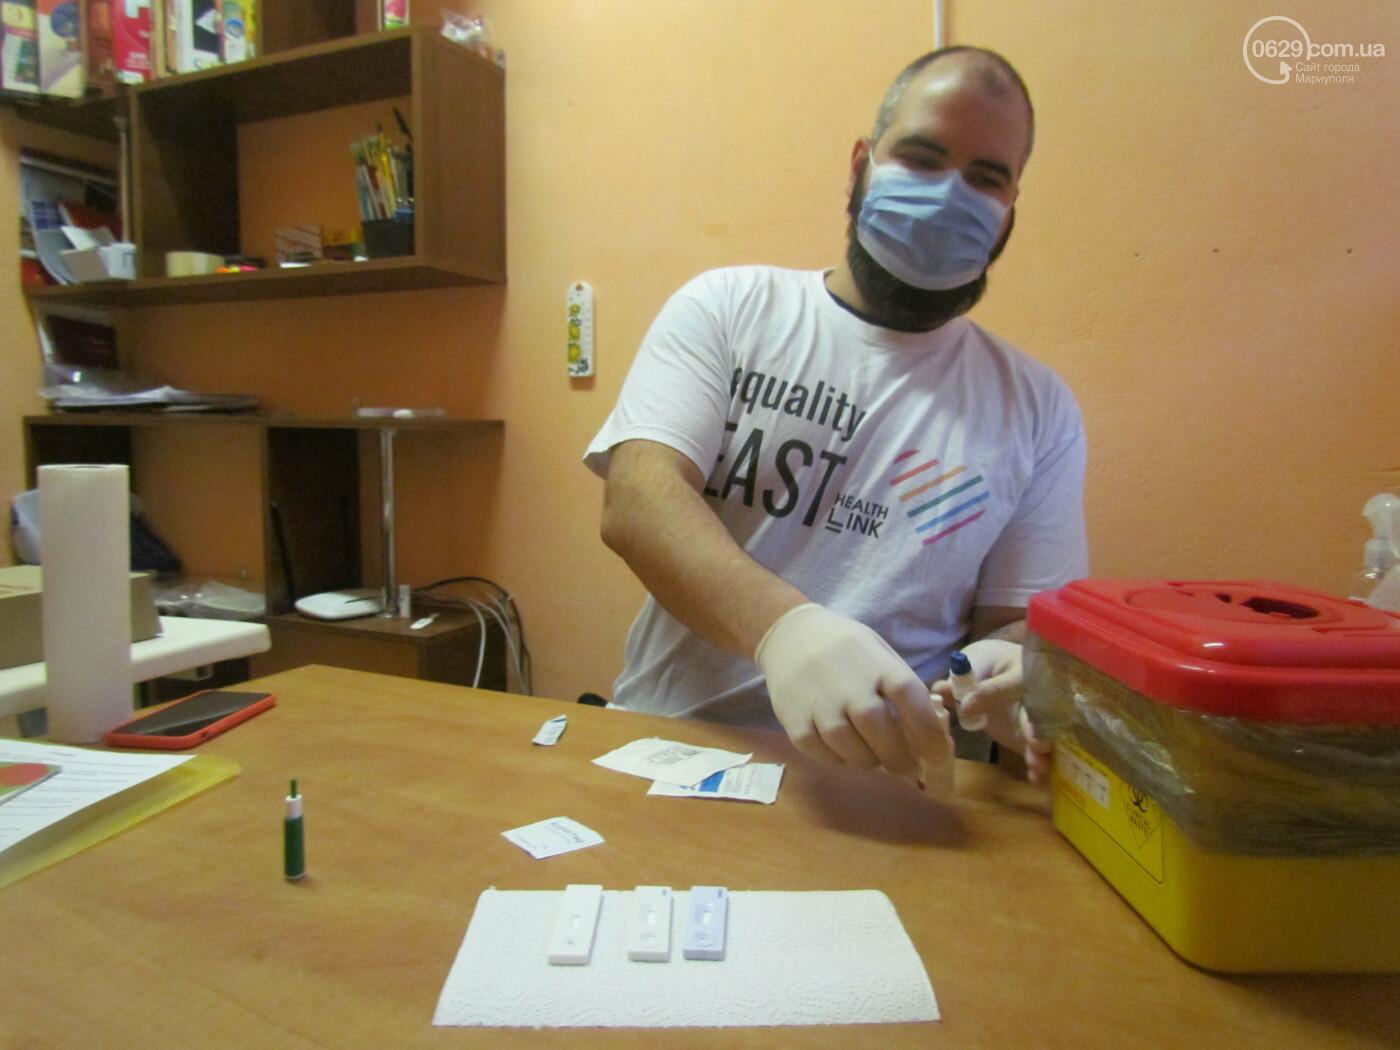 Мандраж, кровь и стереотипы. Как корреспондент 0629 сдавал тест на ВИЧ, - ФОТОРЕПОРТАЖ, фото-6